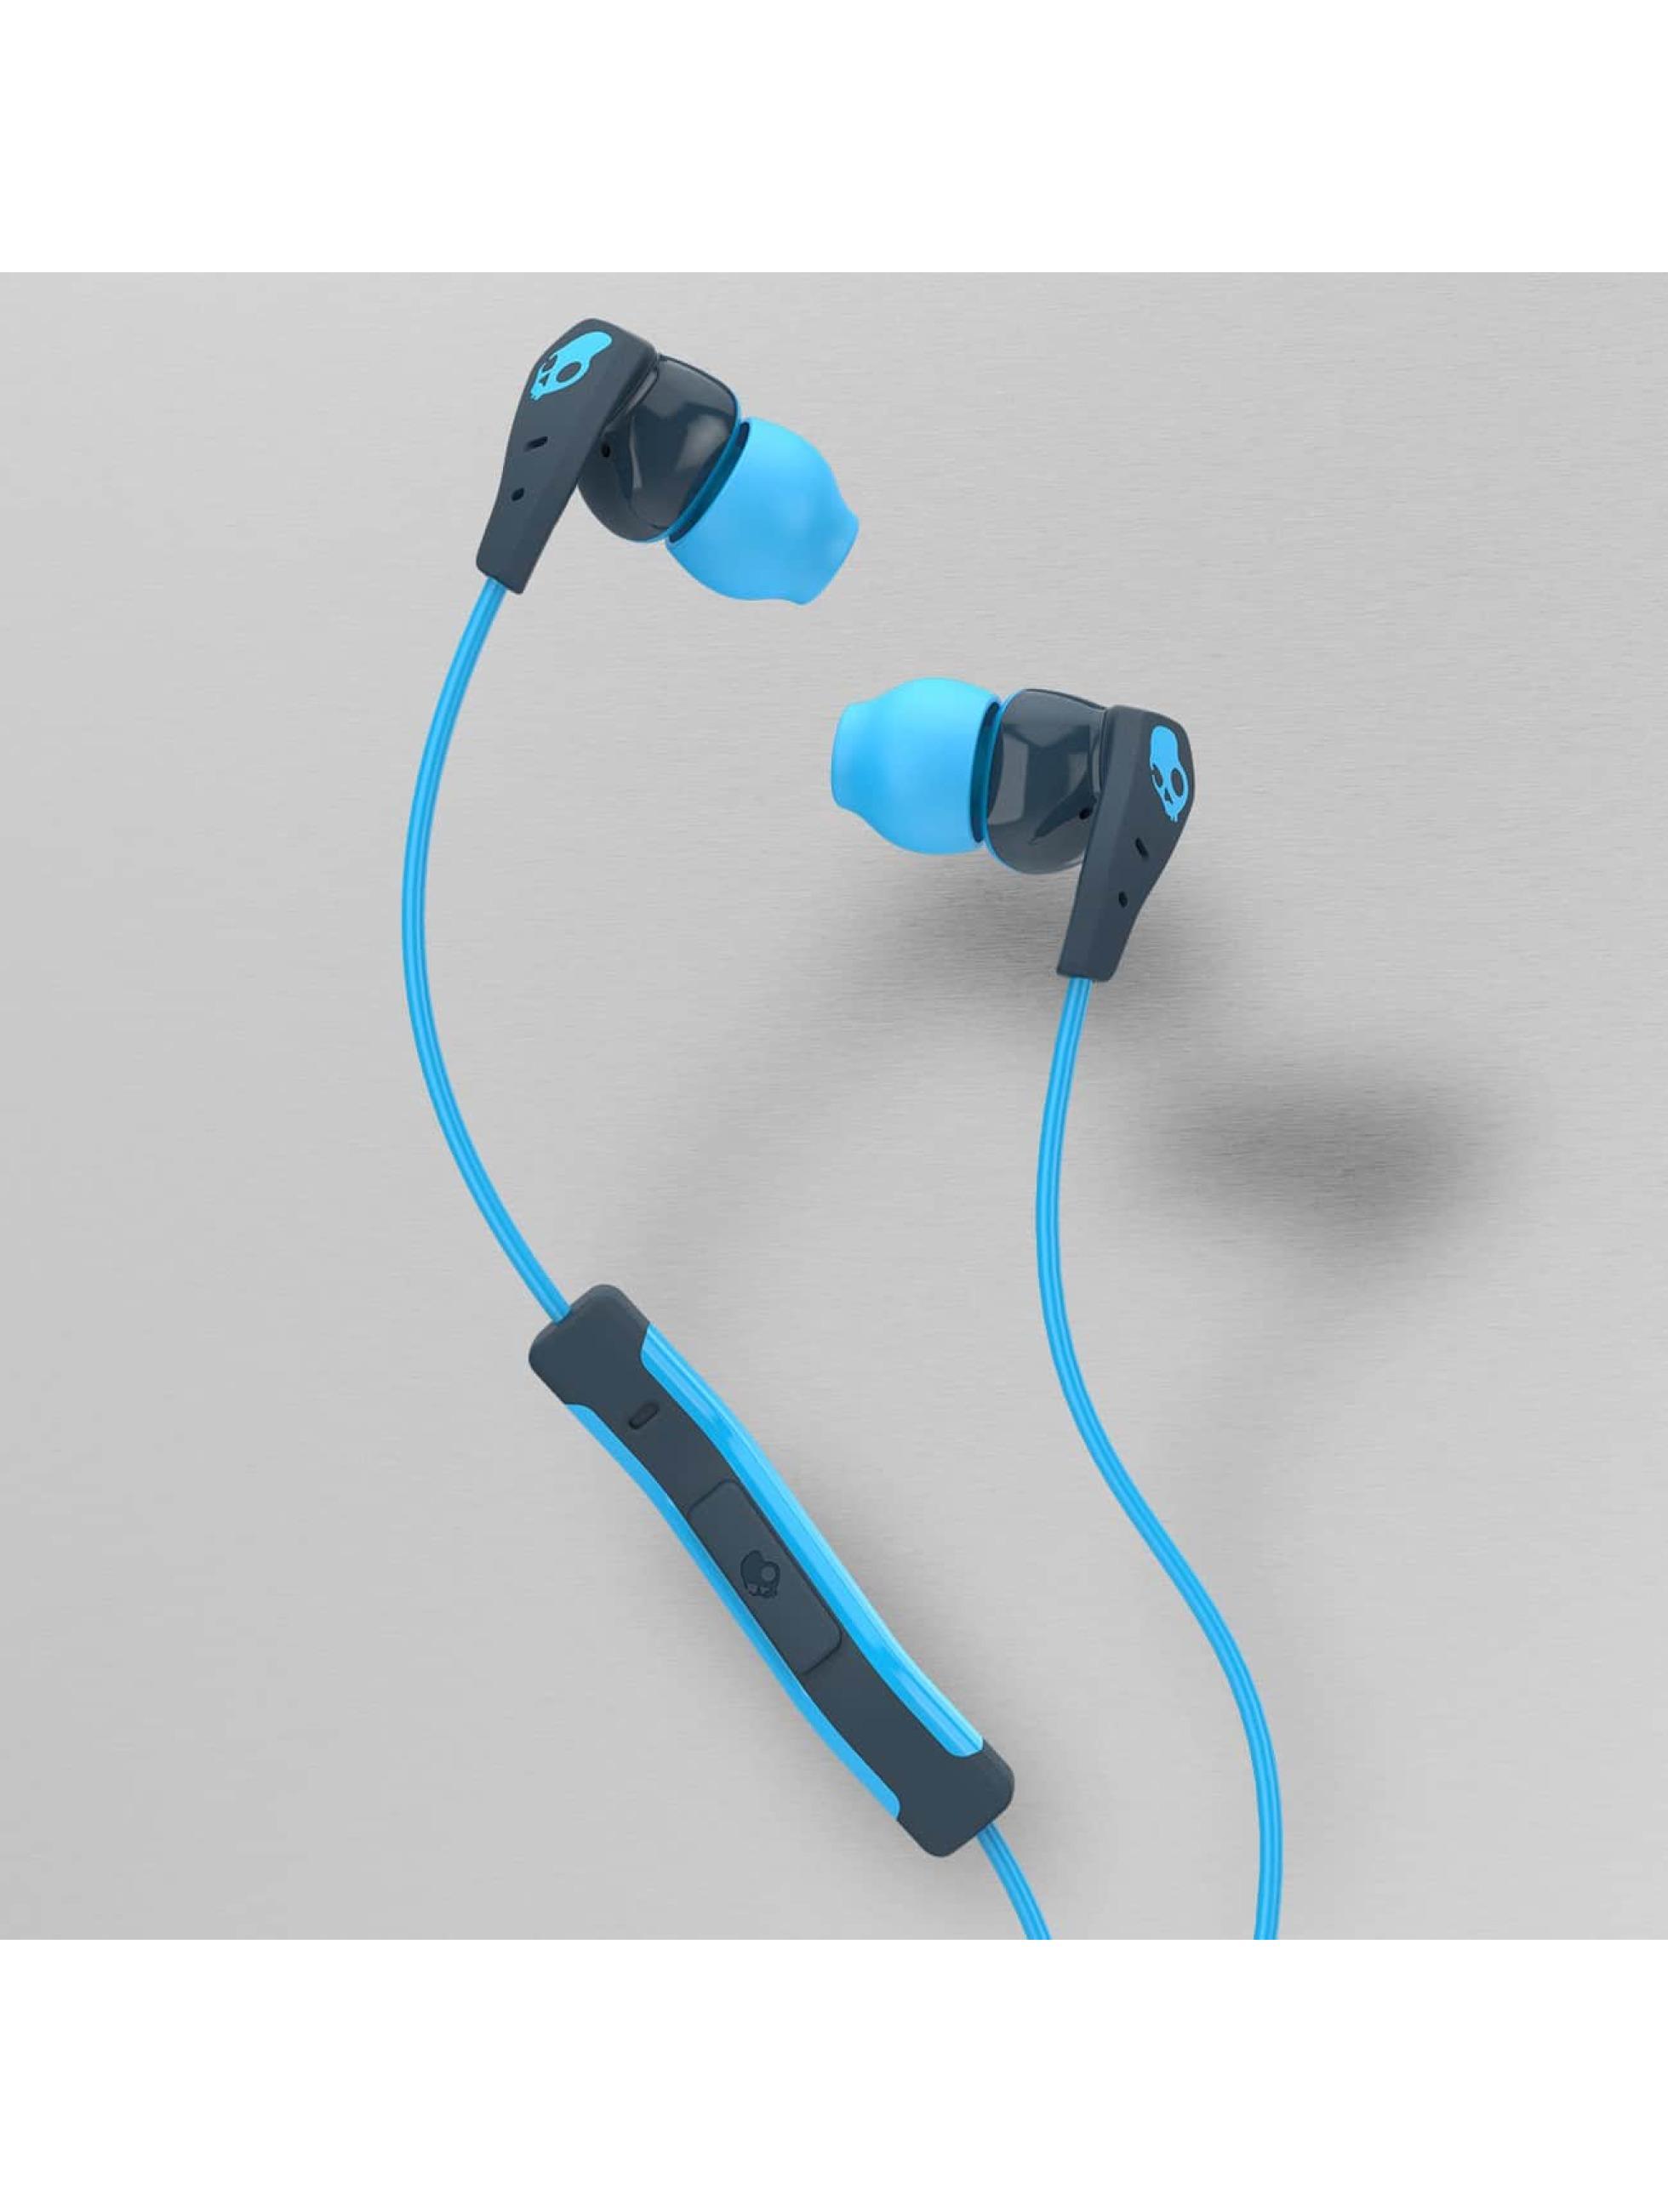 Skullcandy Männer,Frauen Kopfhörer Method Mic 1 in blau